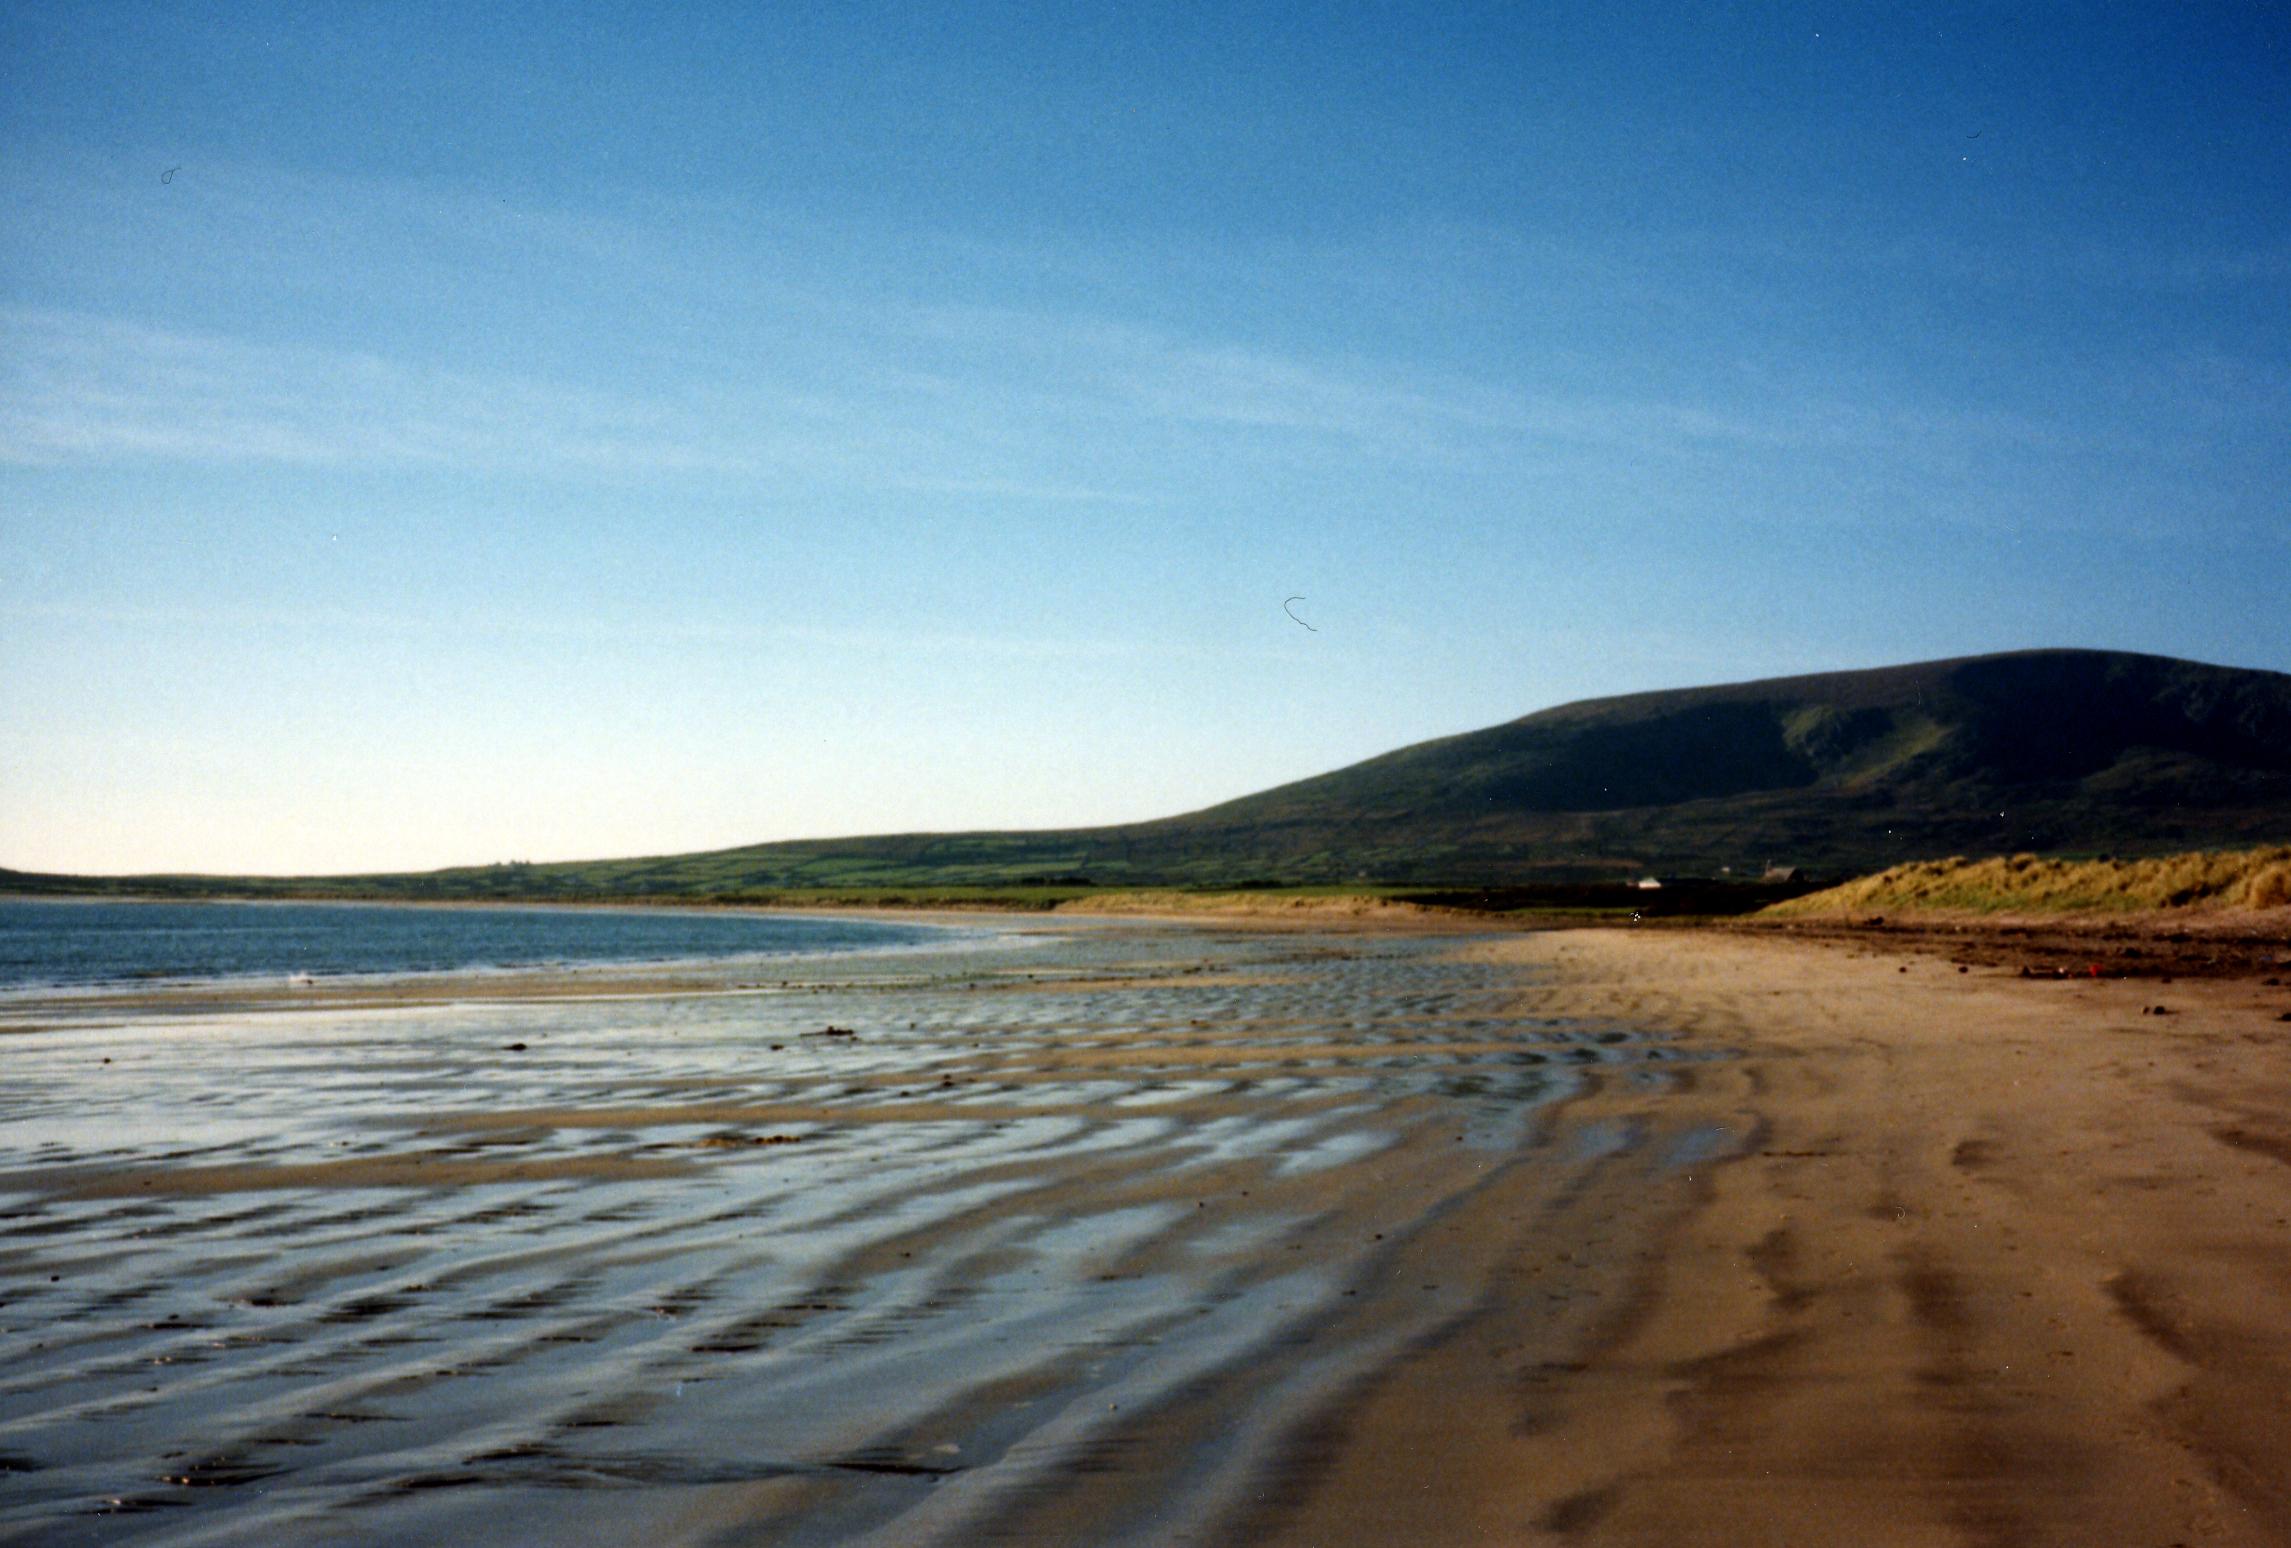 Ventry Beach